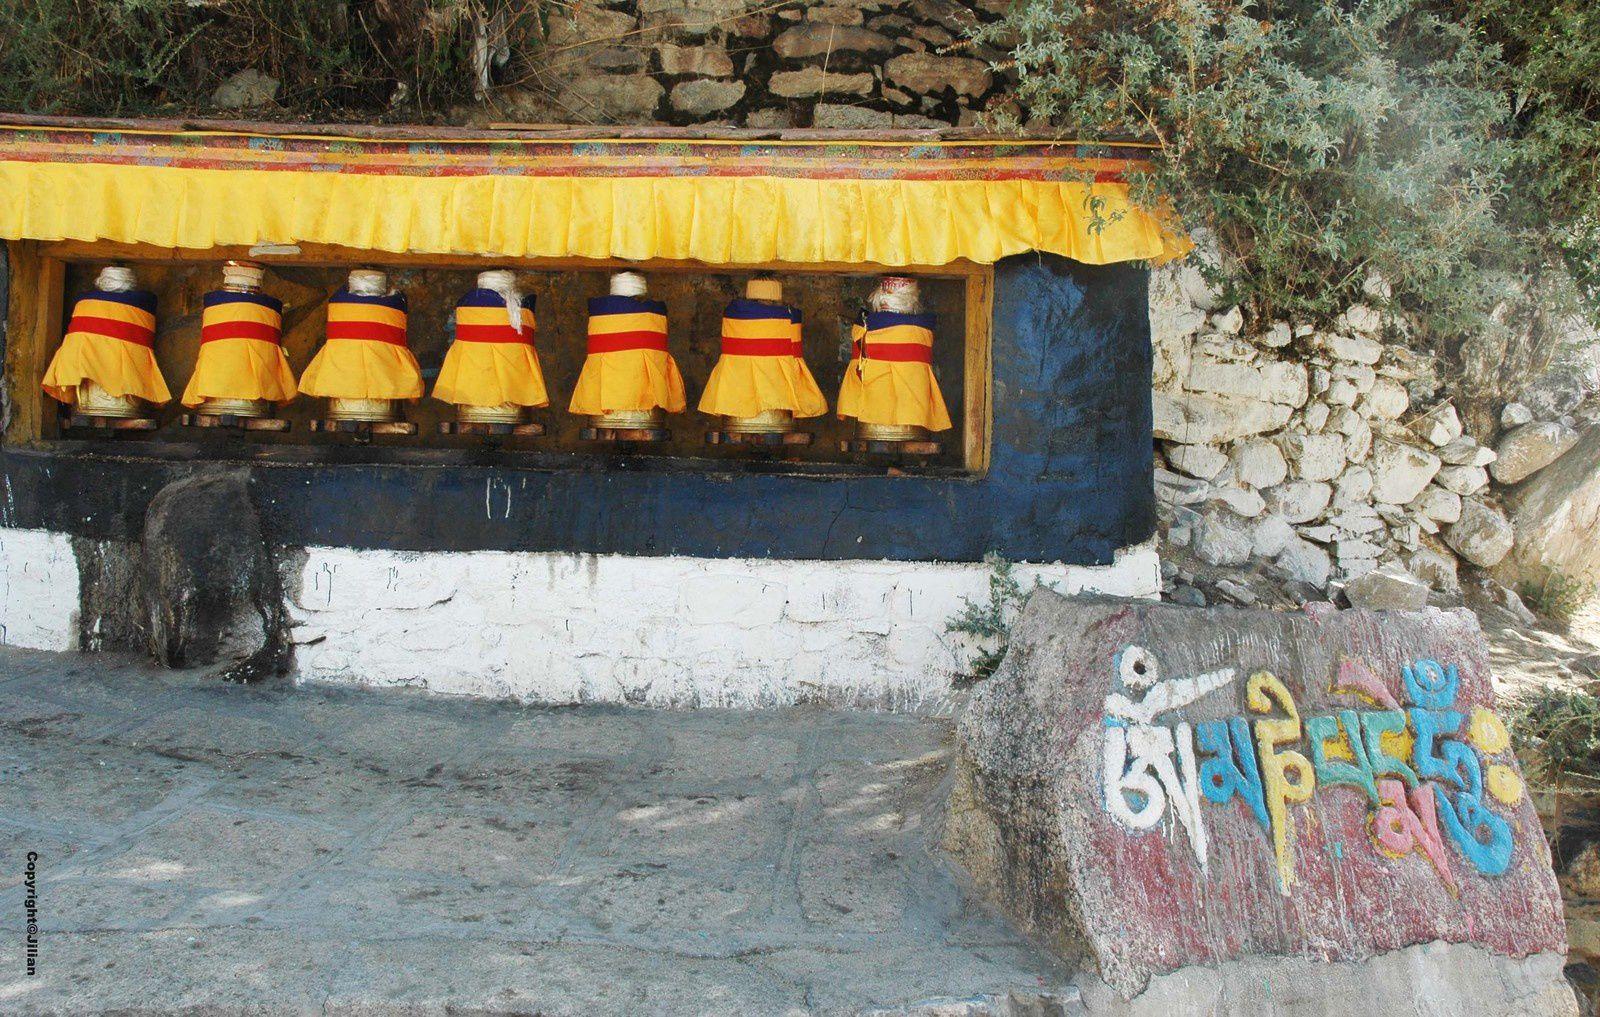 """Au monastère de Drepung, près de Lhassa. Sur la pierre, le mantra de la compassion """"Om mani padme um"""" le mantra le plus courant au Tibet."""